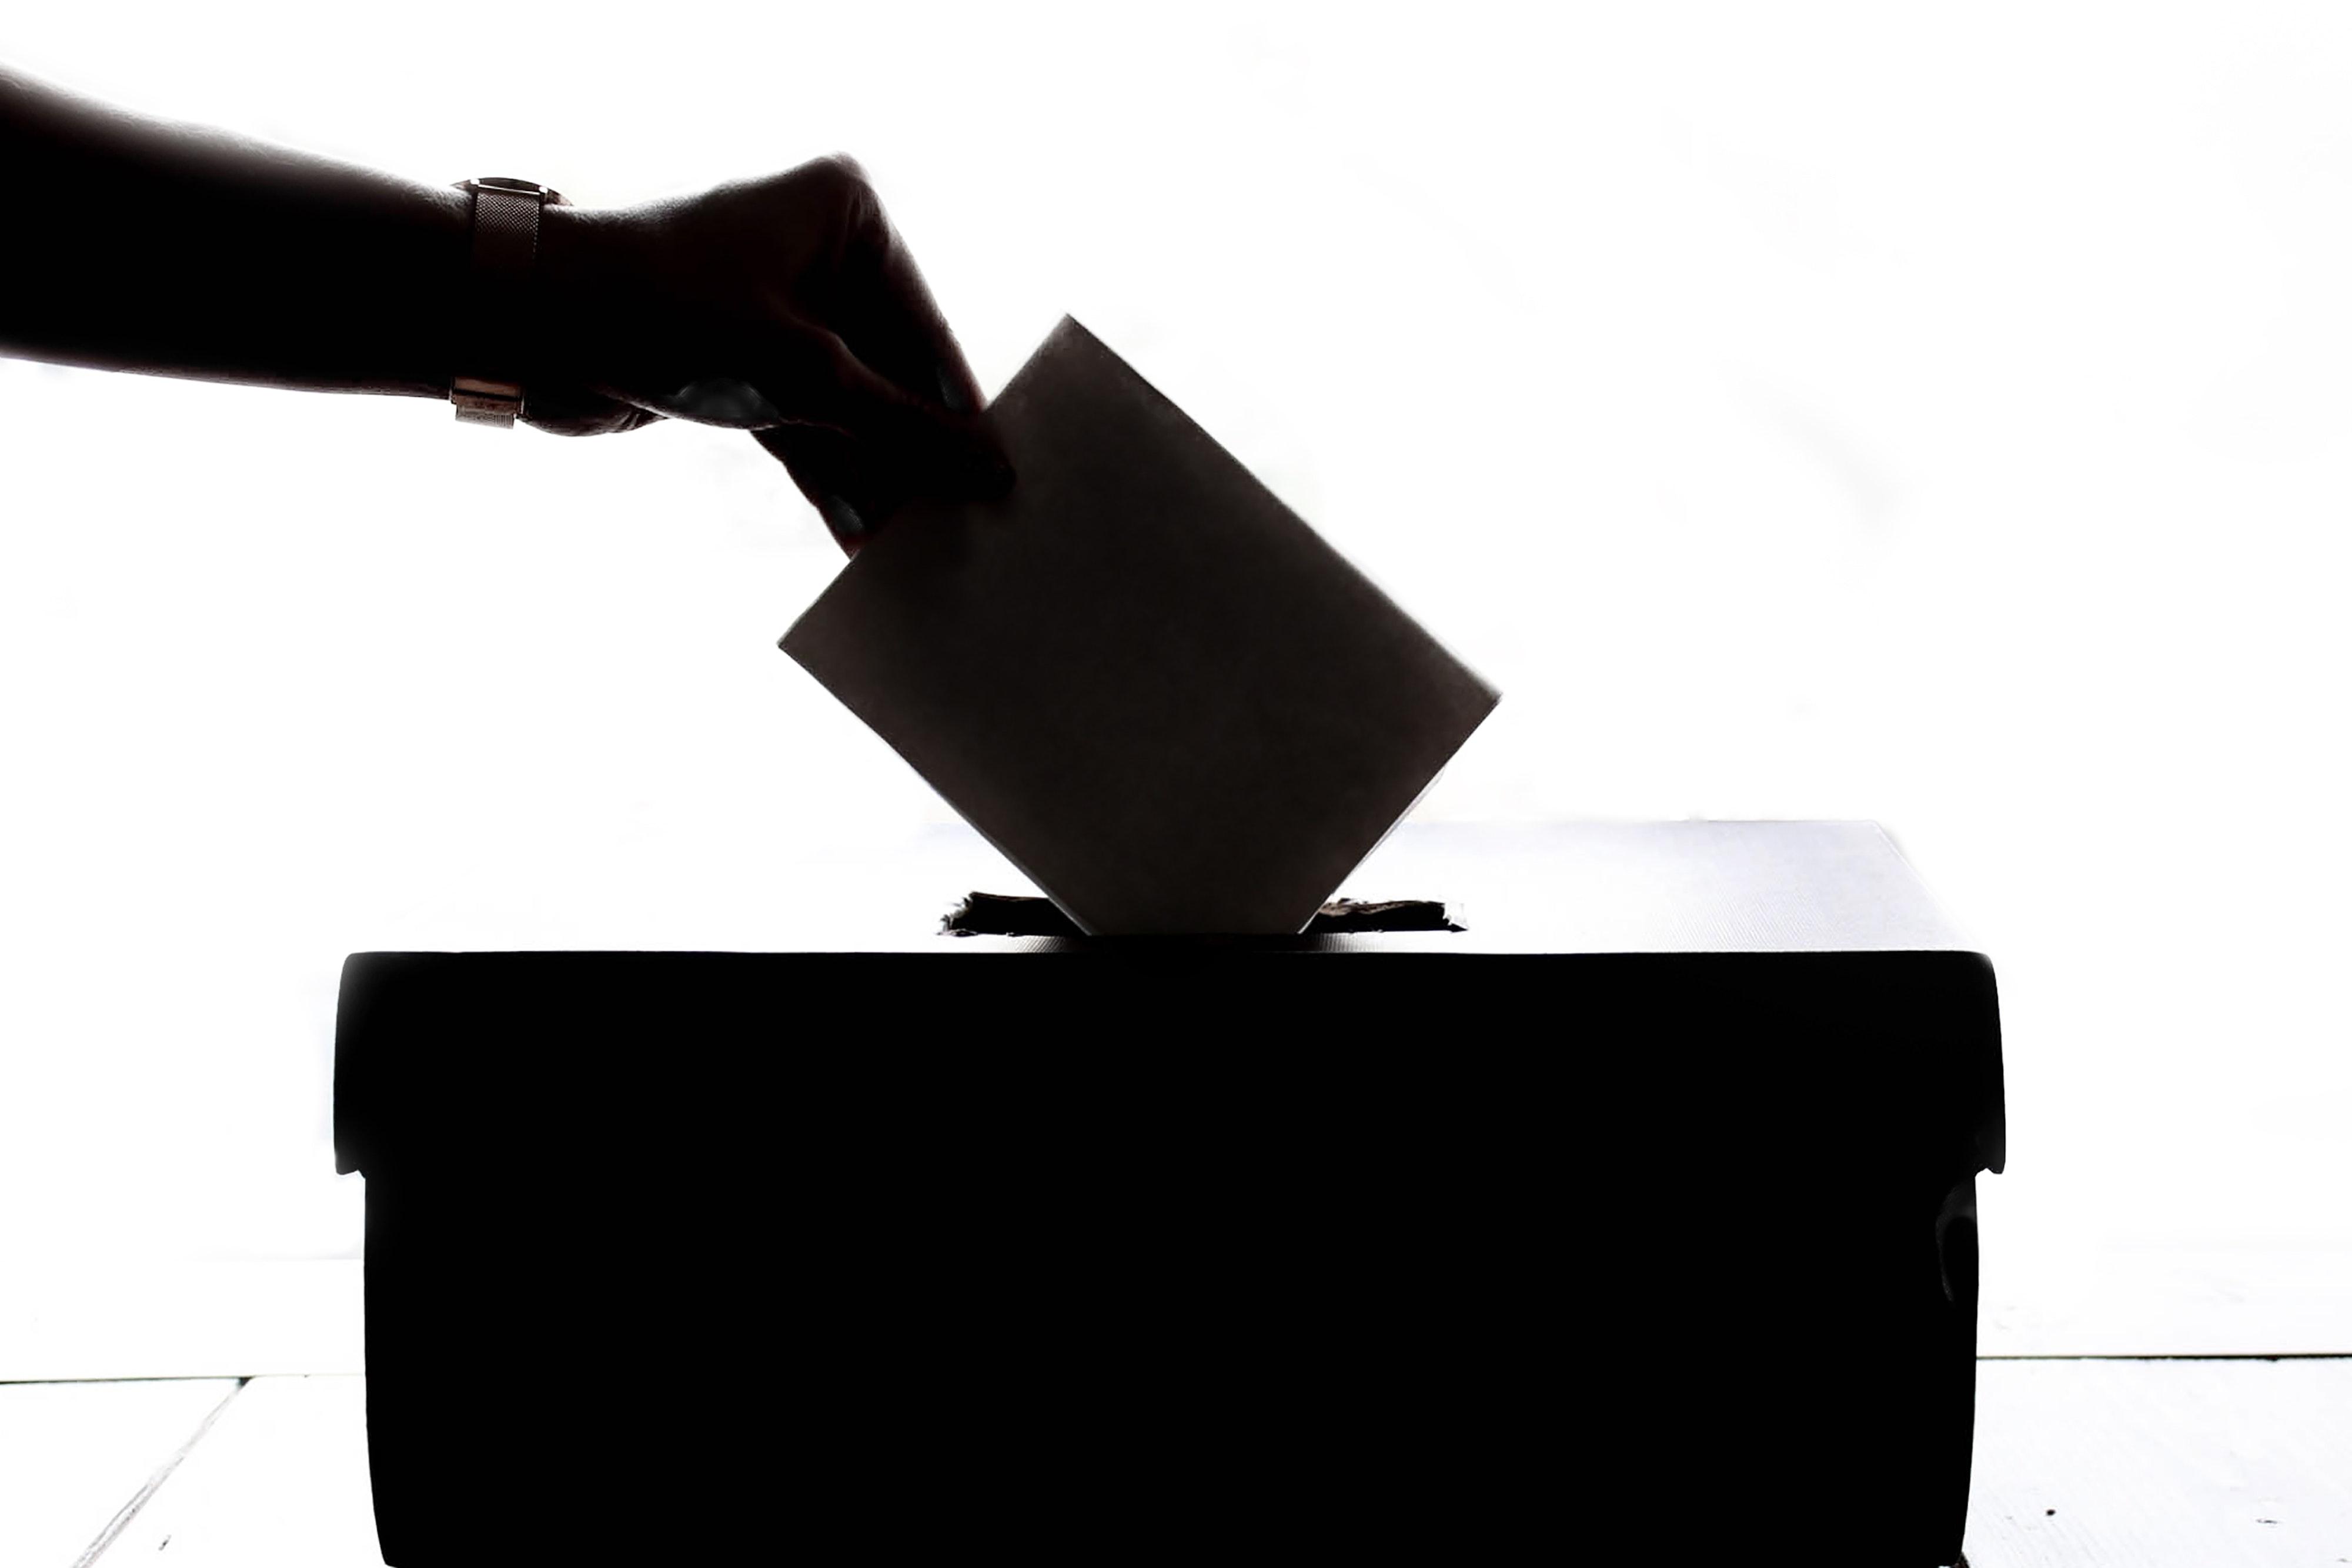 Nuestra guía: cómo hacer una tarjeta de propaganda electoral